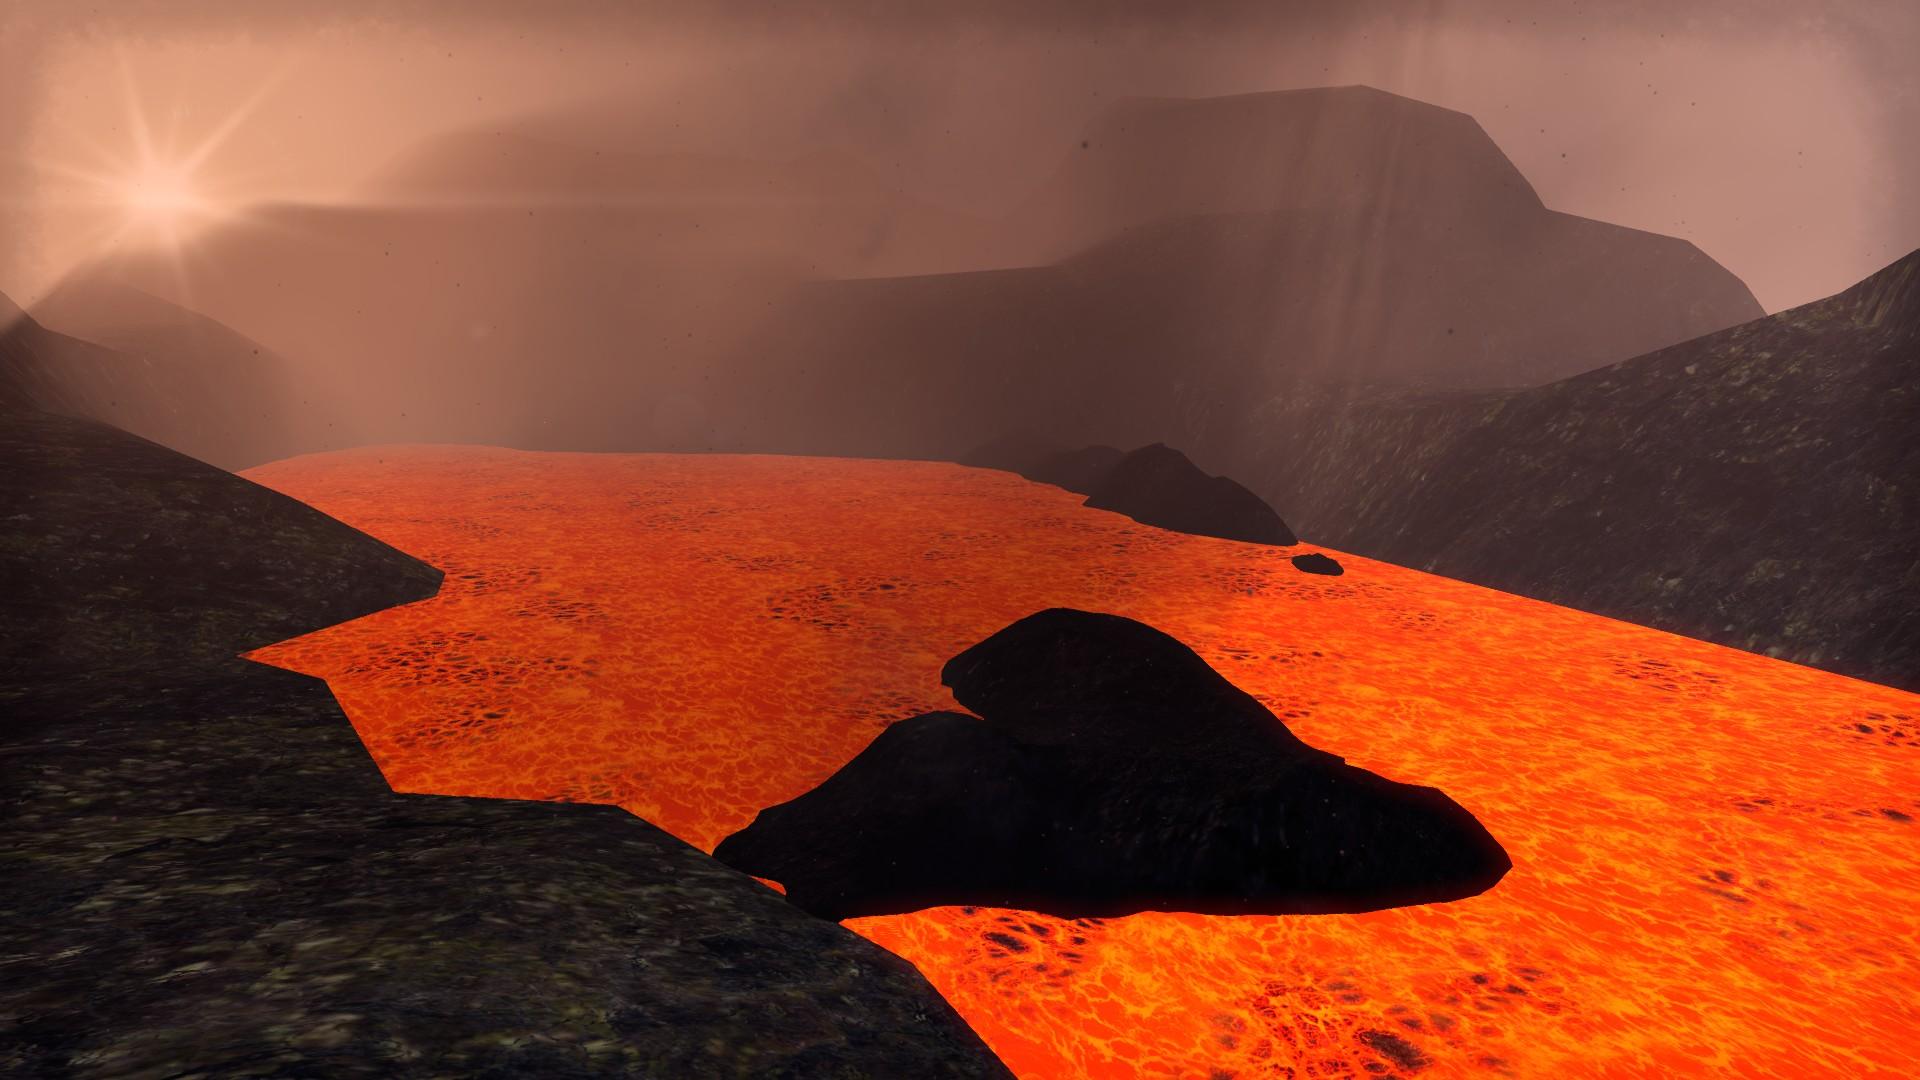 Дагот Ур (Online: Morrowind)